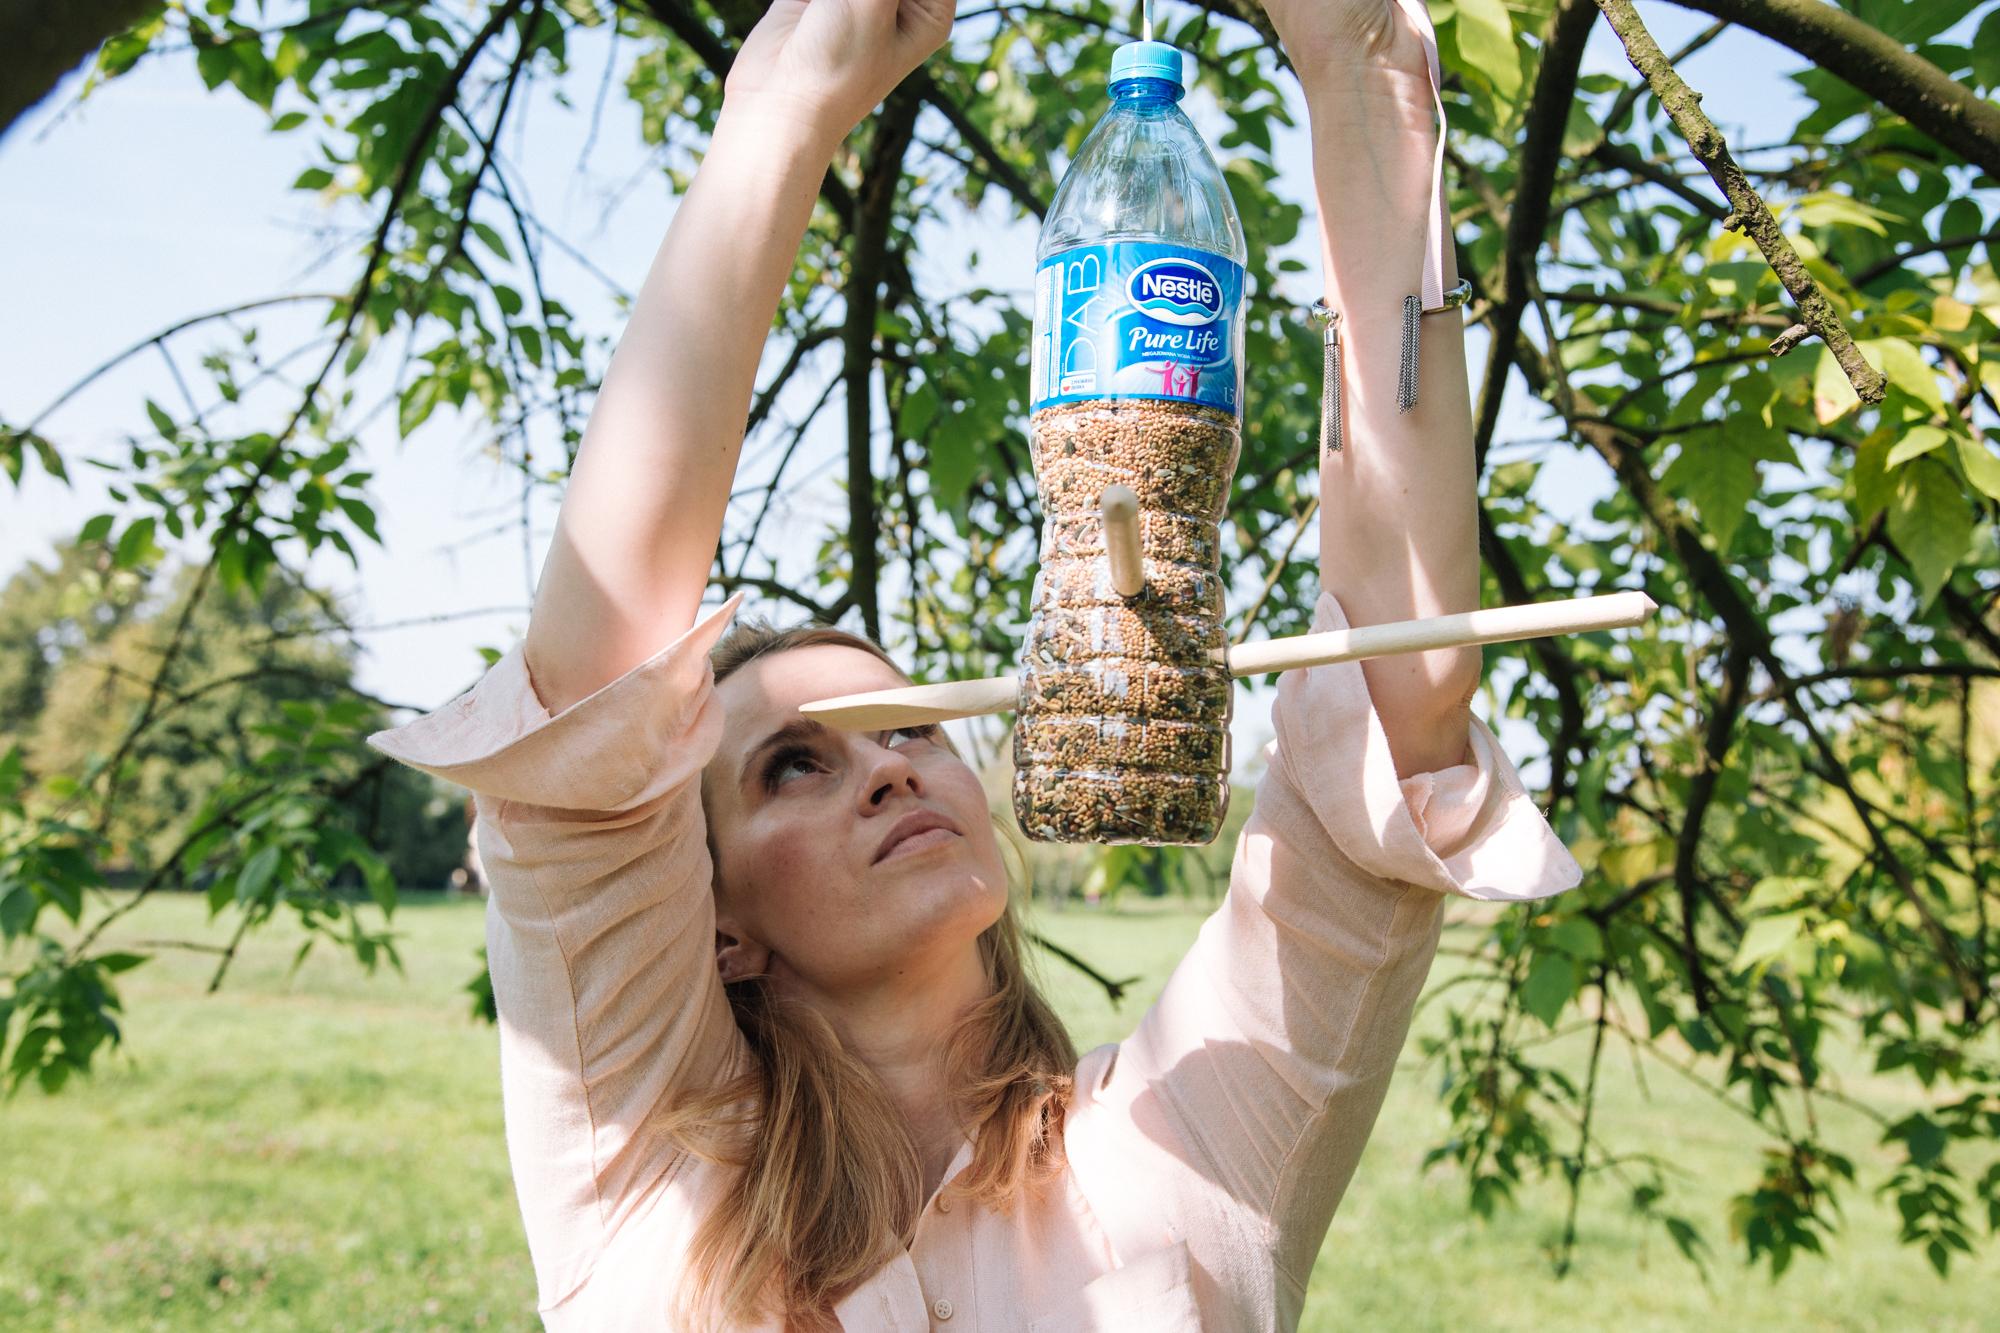 Jak Zrobić Karmnik Dla Ptaków Z Butelki Plastikowej Instrukcja